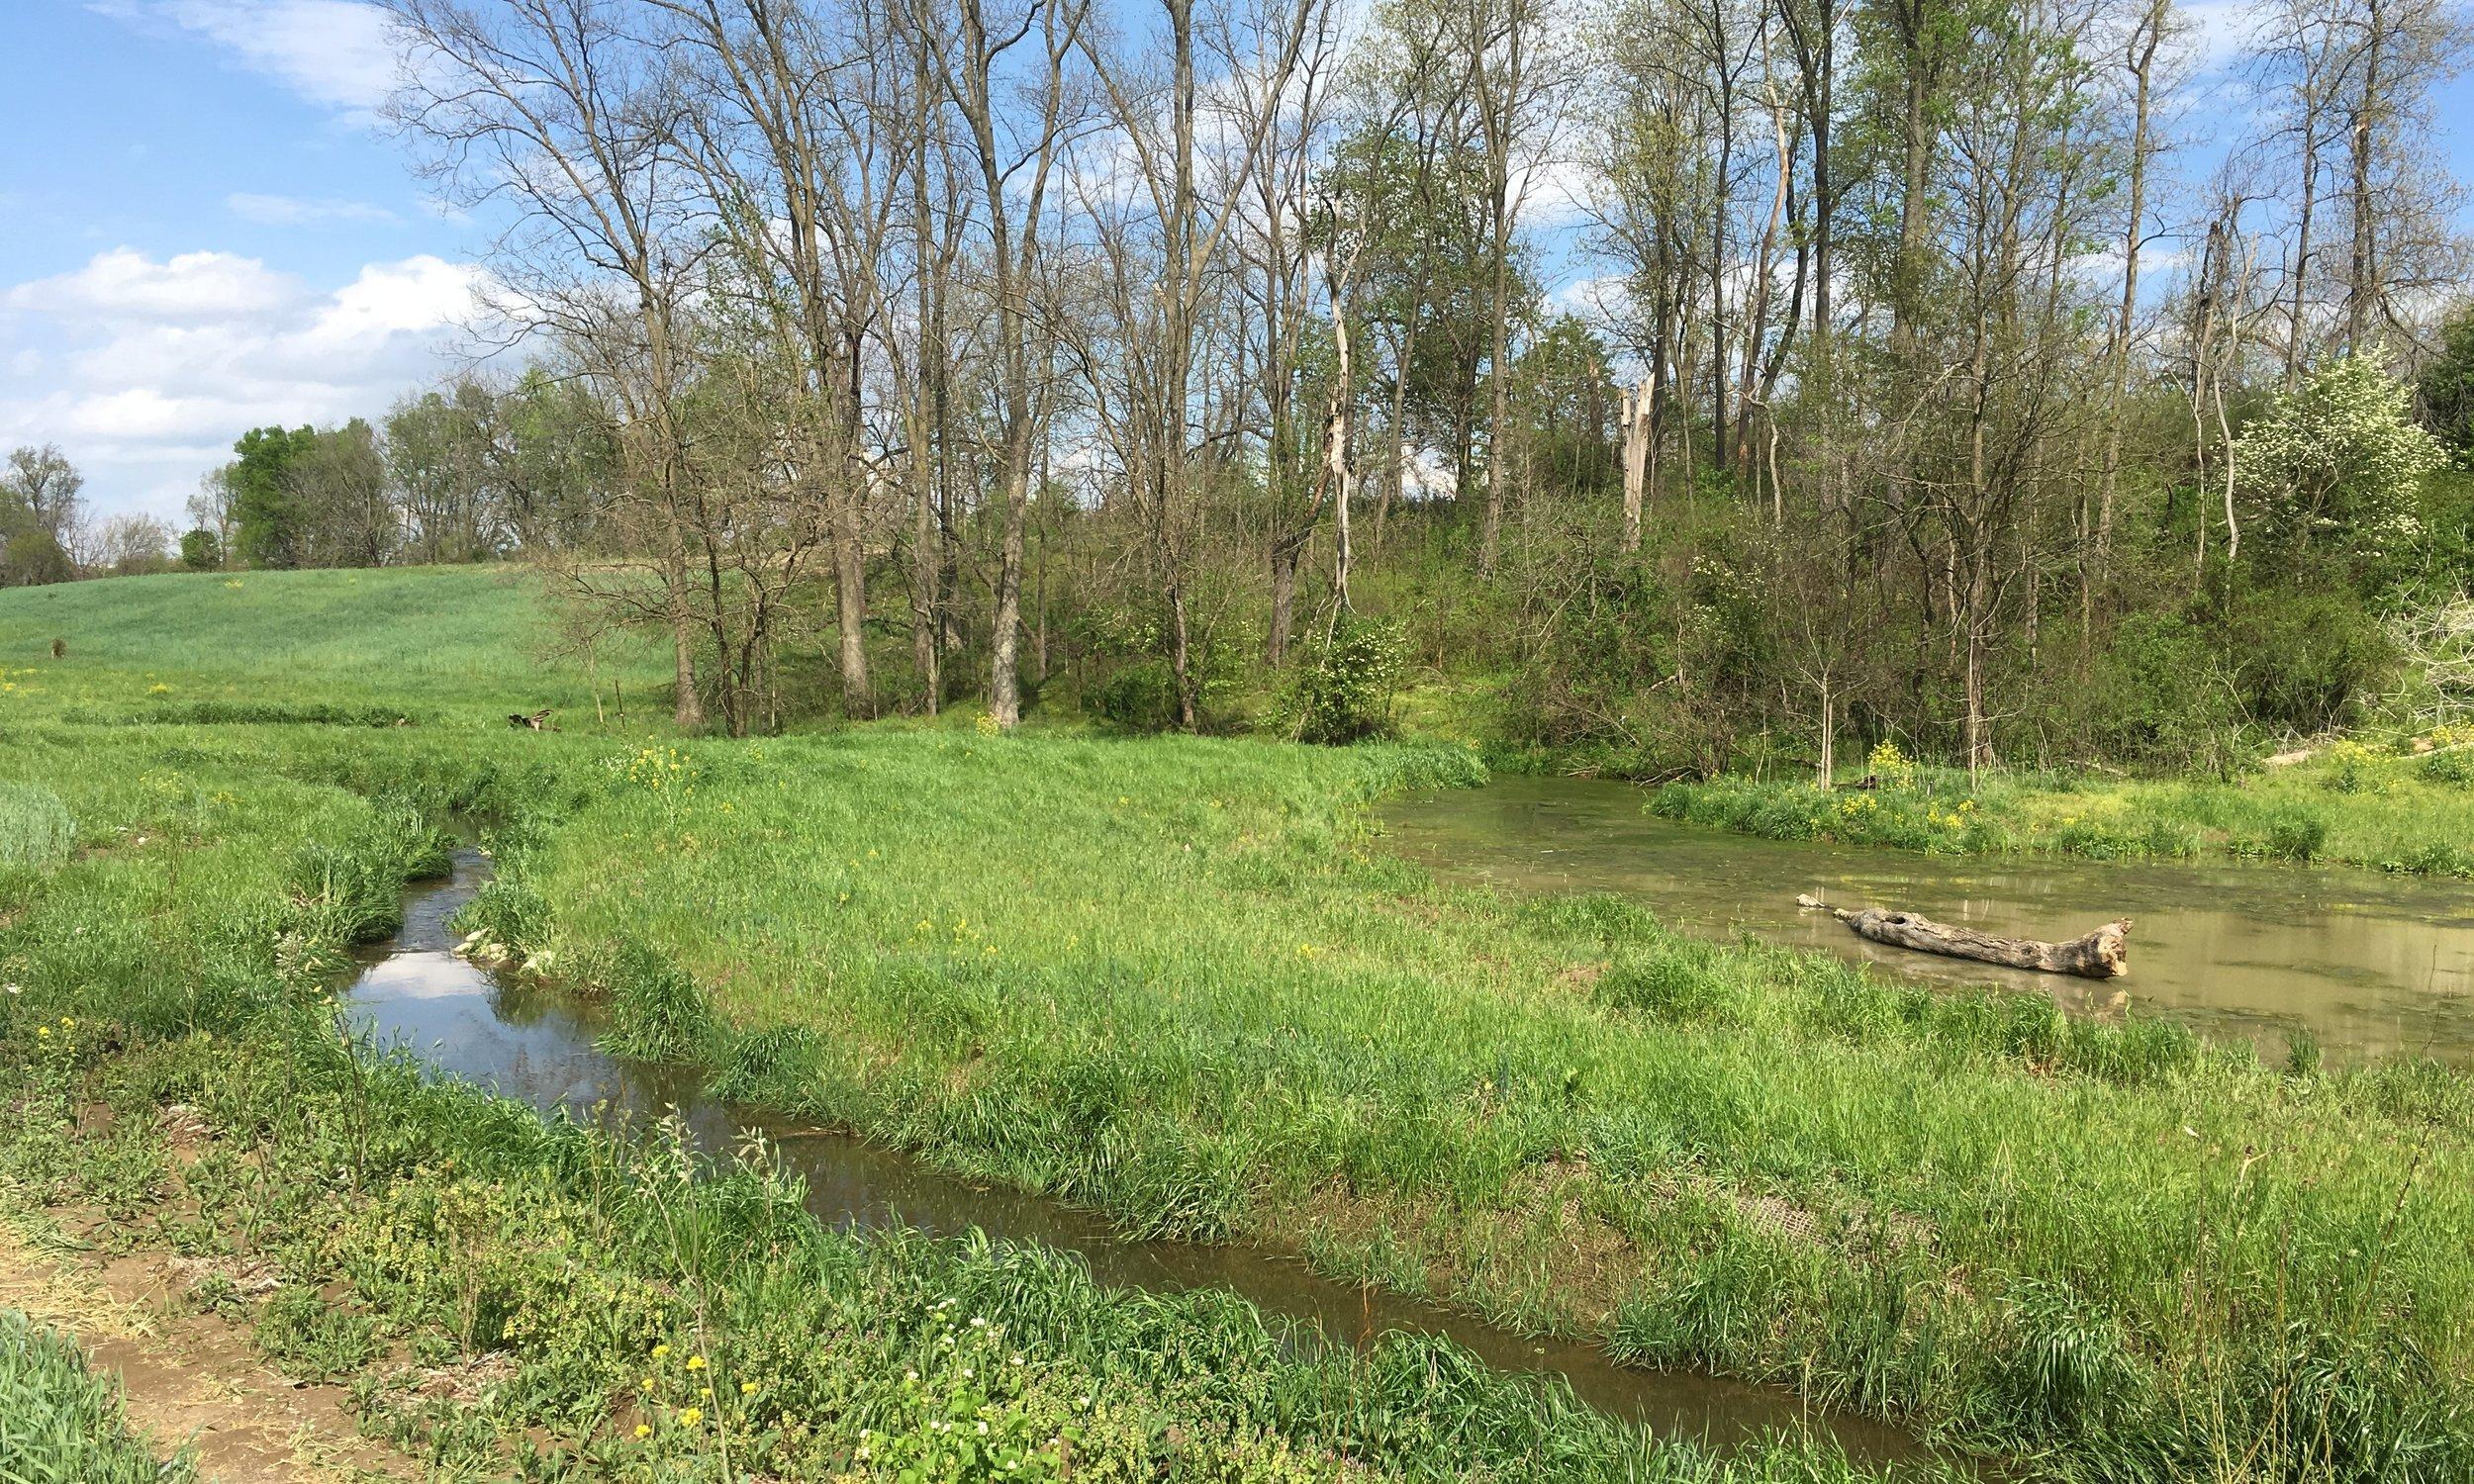 Haines Branch Mitigation, Stream & Ecological Restoration